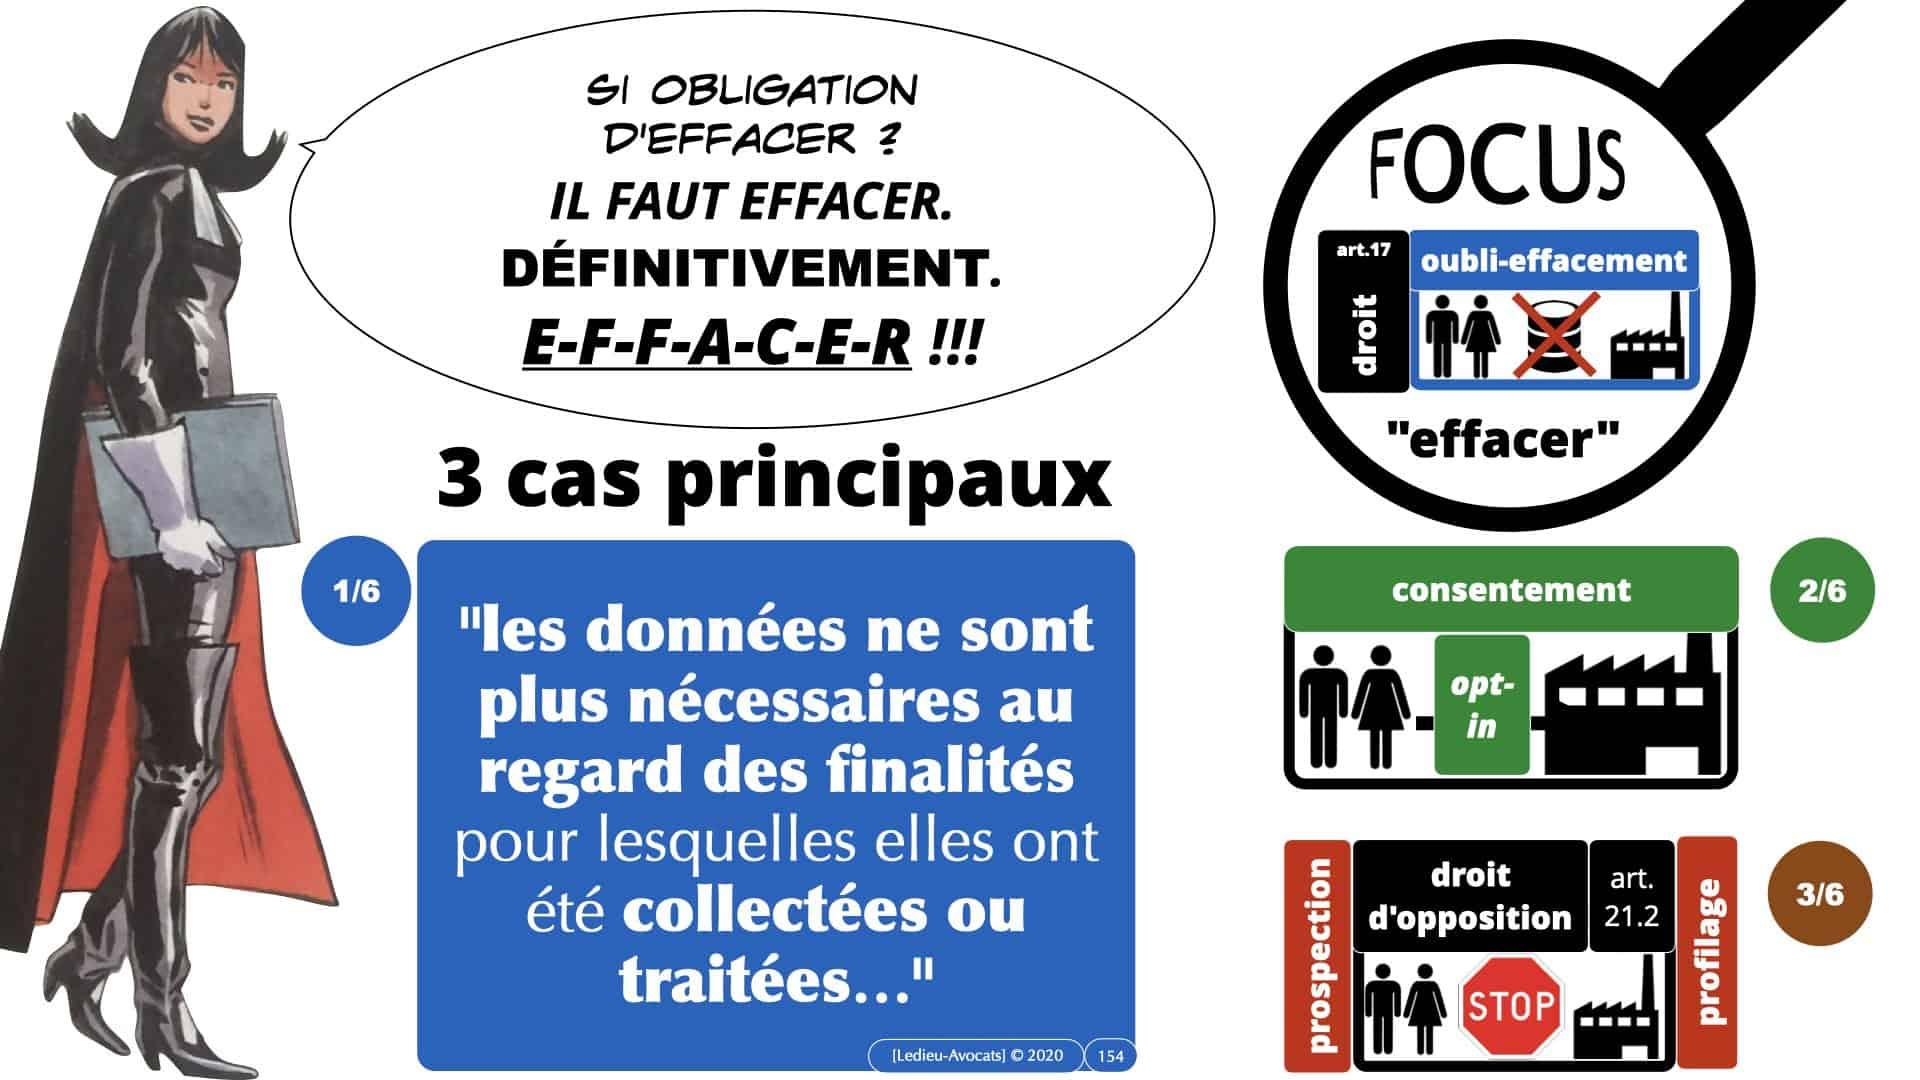 RGPD e-Privacy données personnelles jurisprudence formation Lamy Les Echos 10-02-2021 ©Ledieu-Avocats.154